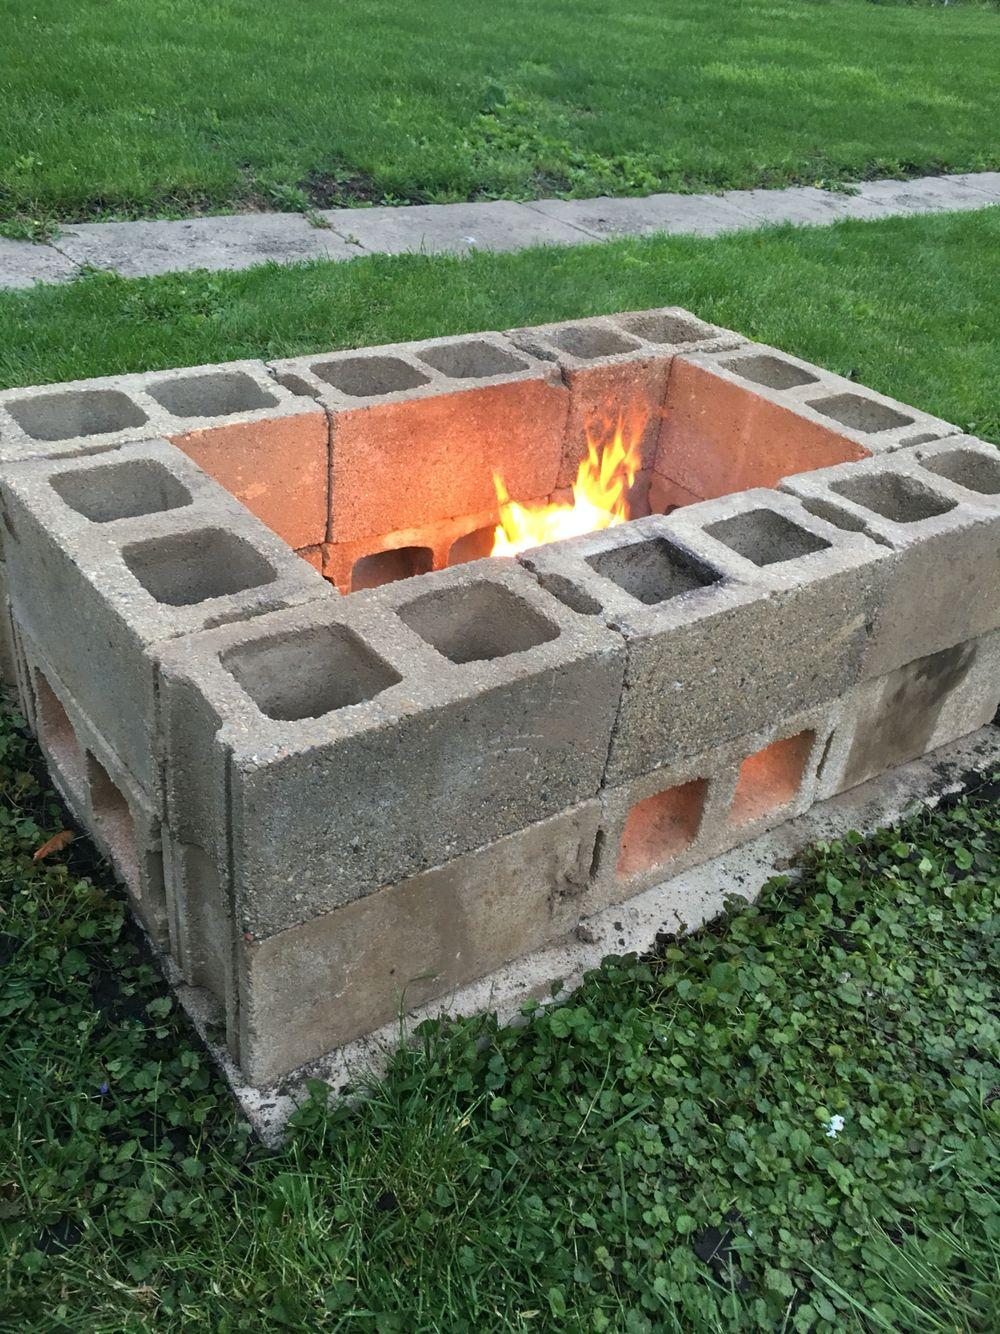 DIY fire pit made from cinder blocks | Cinder block fire ... on Diy Cinder Block Fireplace id=53953